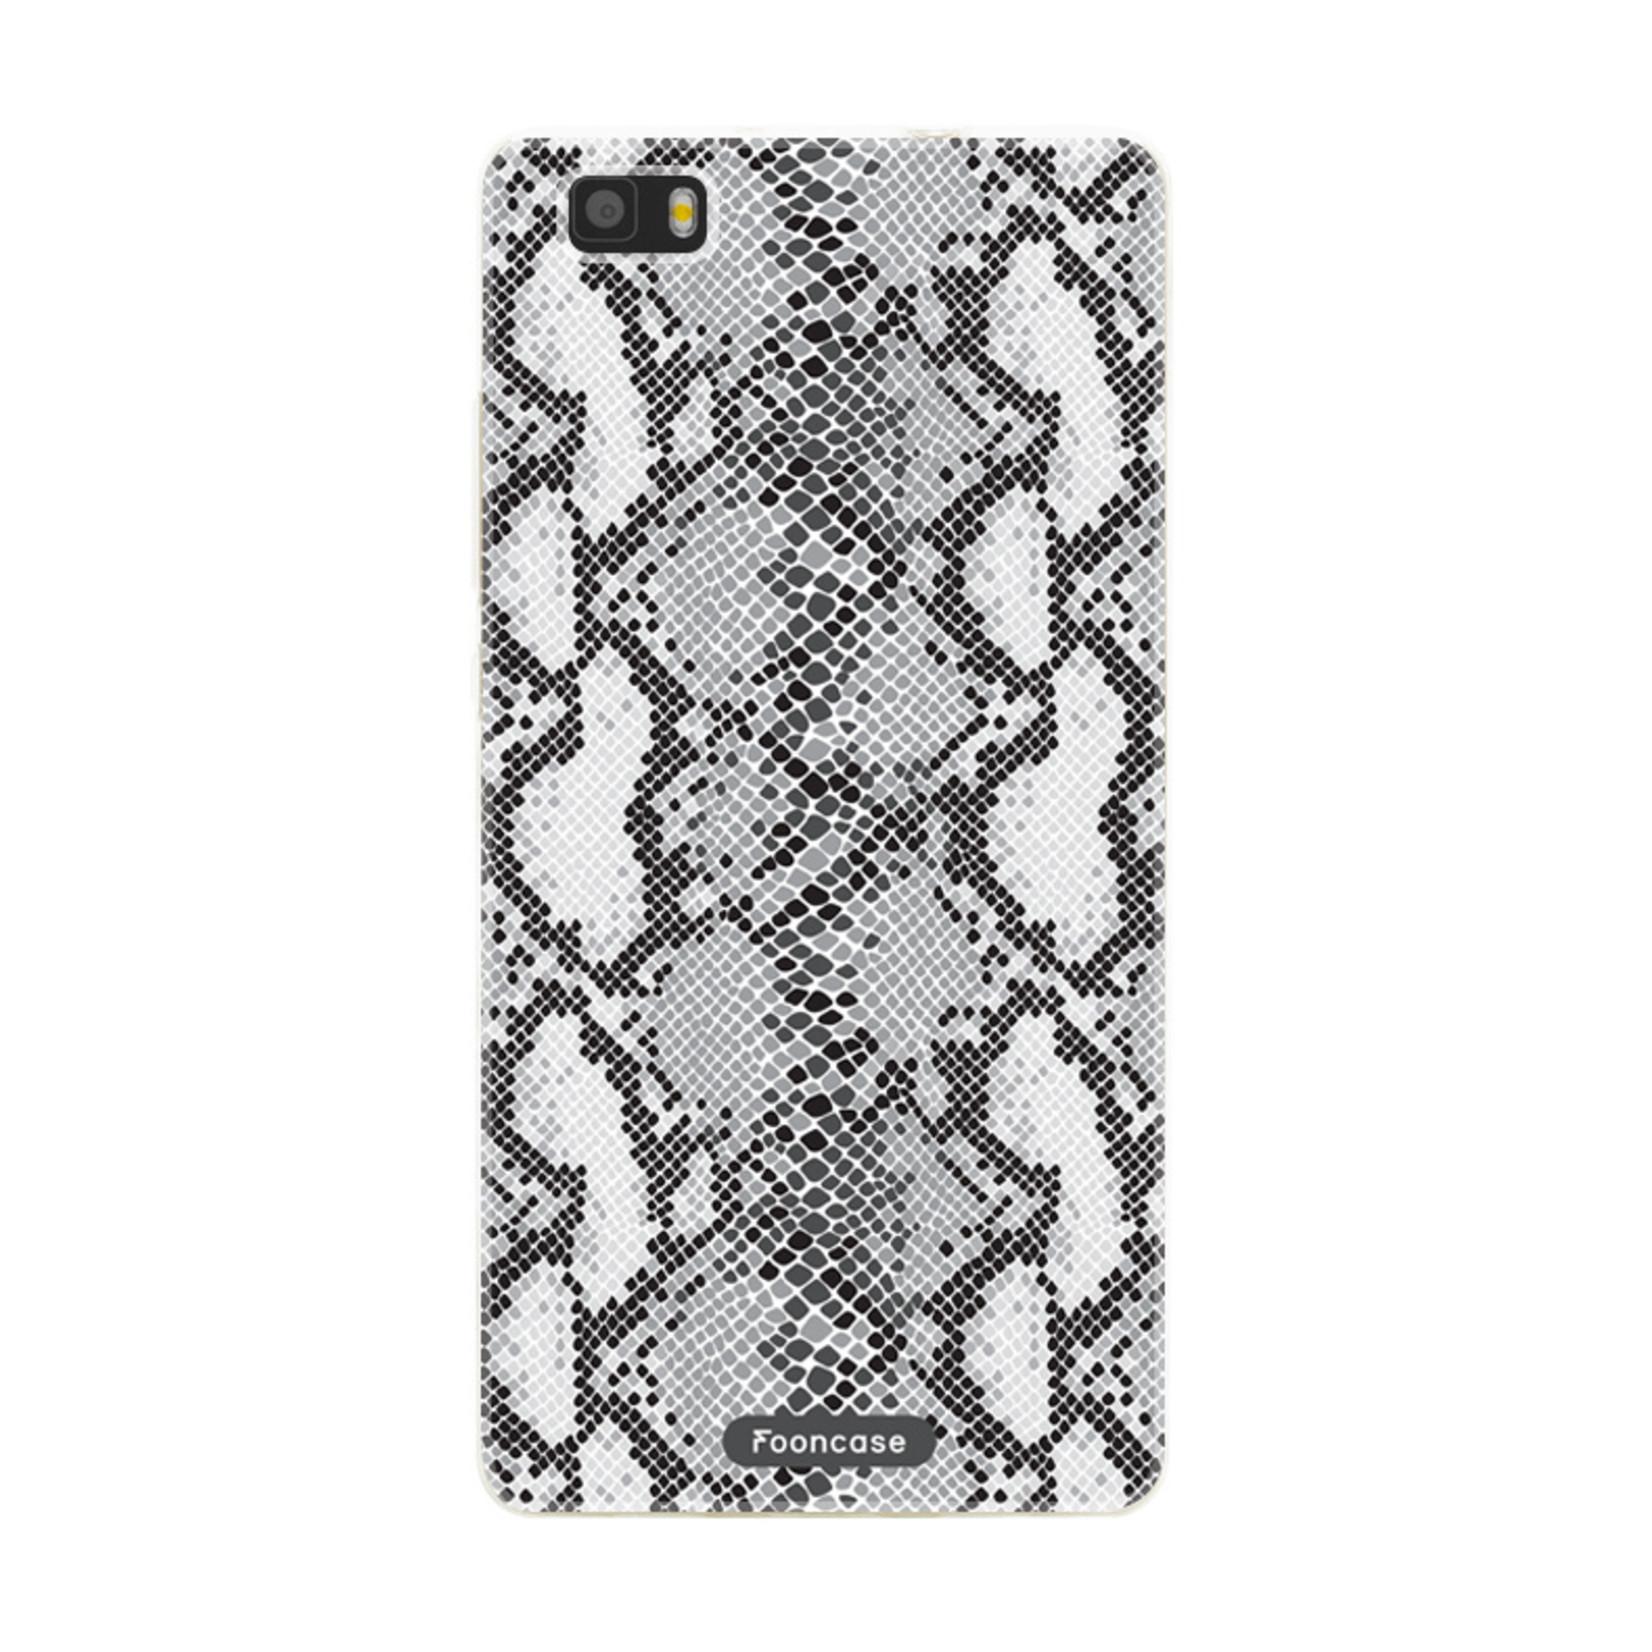 FOONCASE Huawei P8 Lite 2016 hoesje TPU Soft Case - Back Cover - Snake it / Slangen print